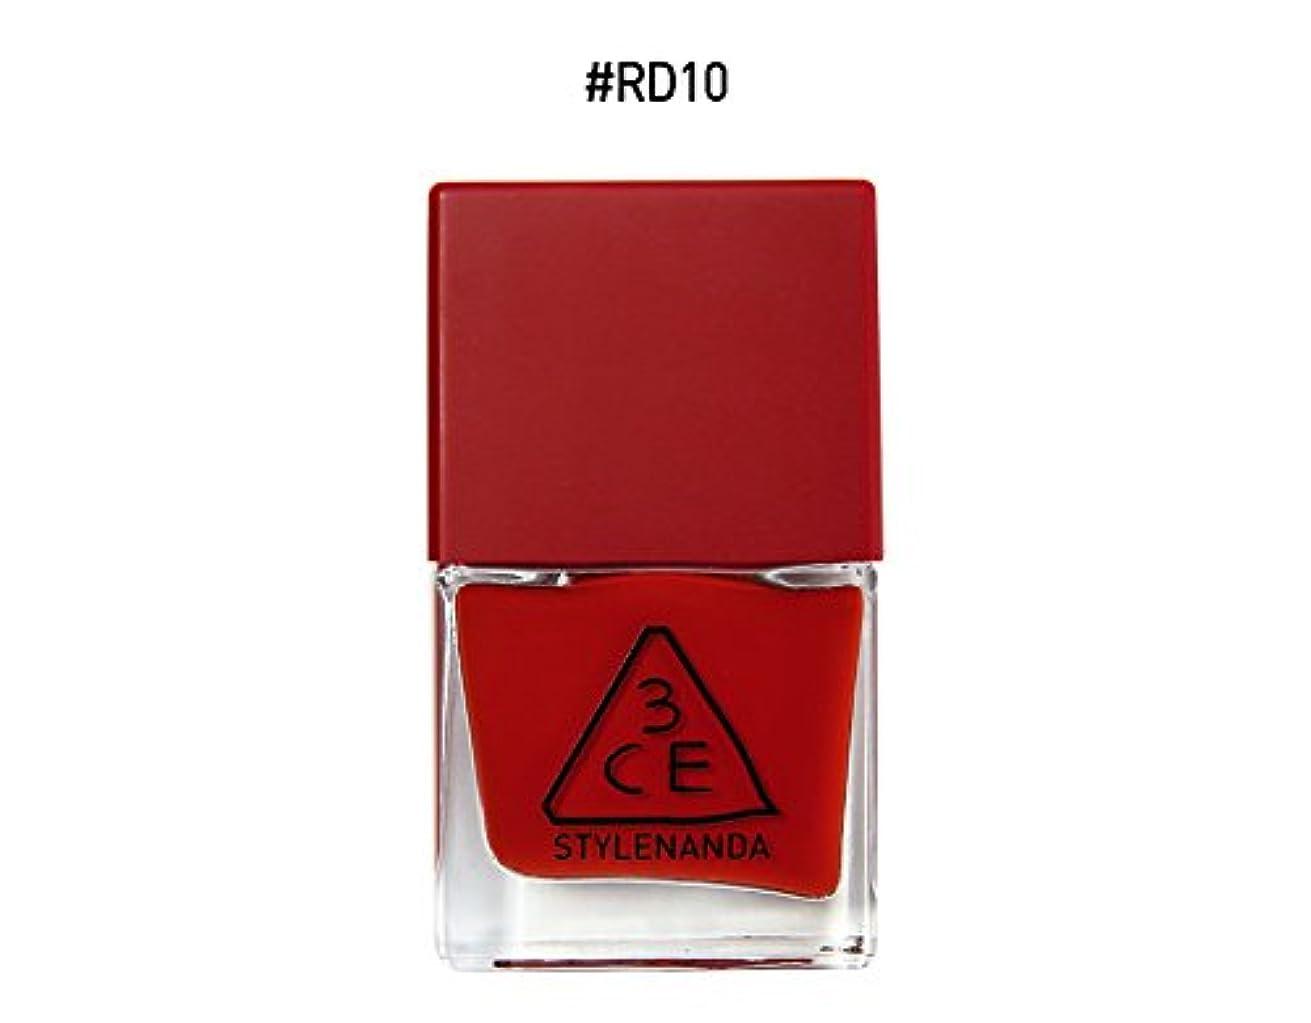 買収ペルーいらいらする3CE RED RECIPE LONG LASTING NAIL LACQUER/レッドレシピ ロングラスティング ネイルラッカー (RD10) [並行輸入品]